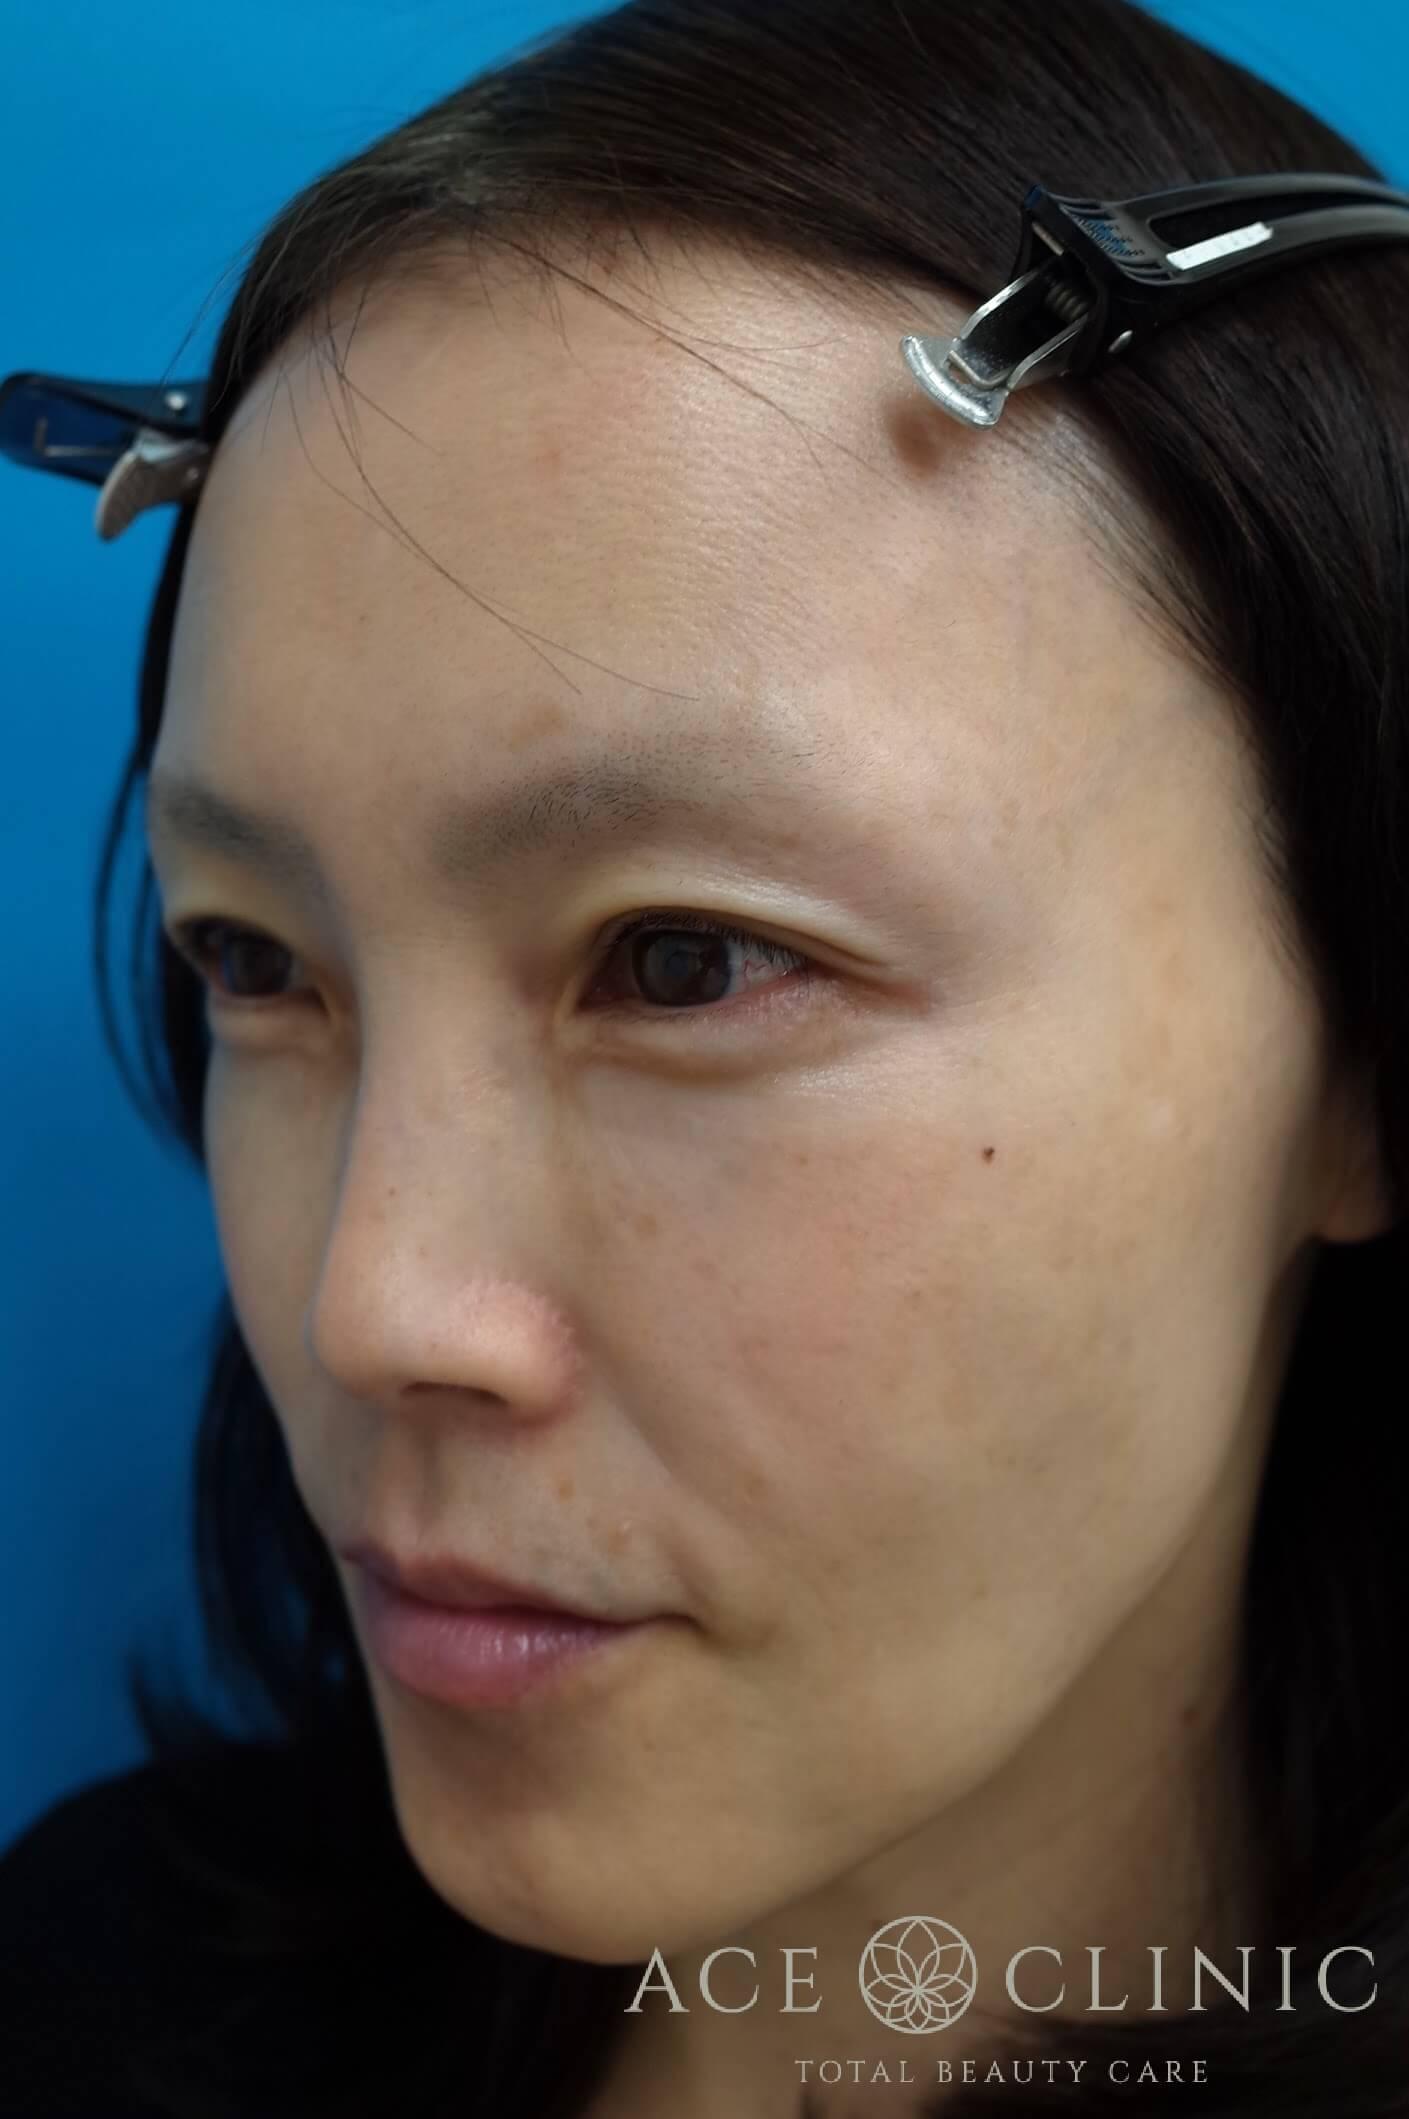 ヒアルロン酸注入(こめかみ・頬) 施術後 左斜め